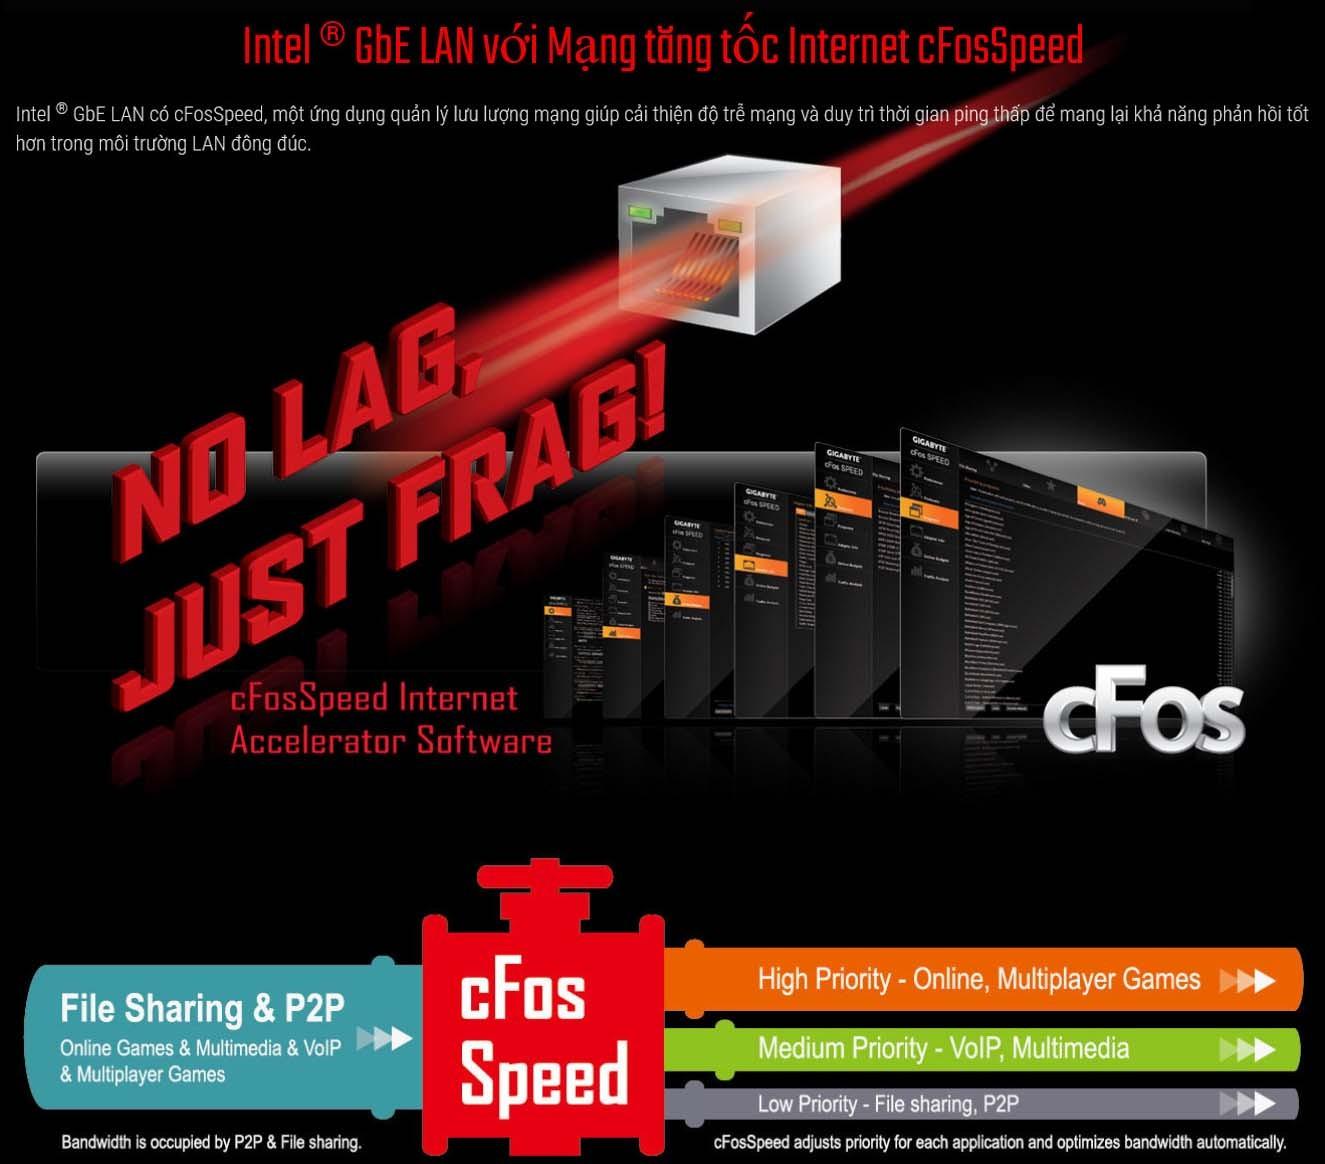 Intel® GbE LAN với Mạng tăng tốc Internet cFosSpeed